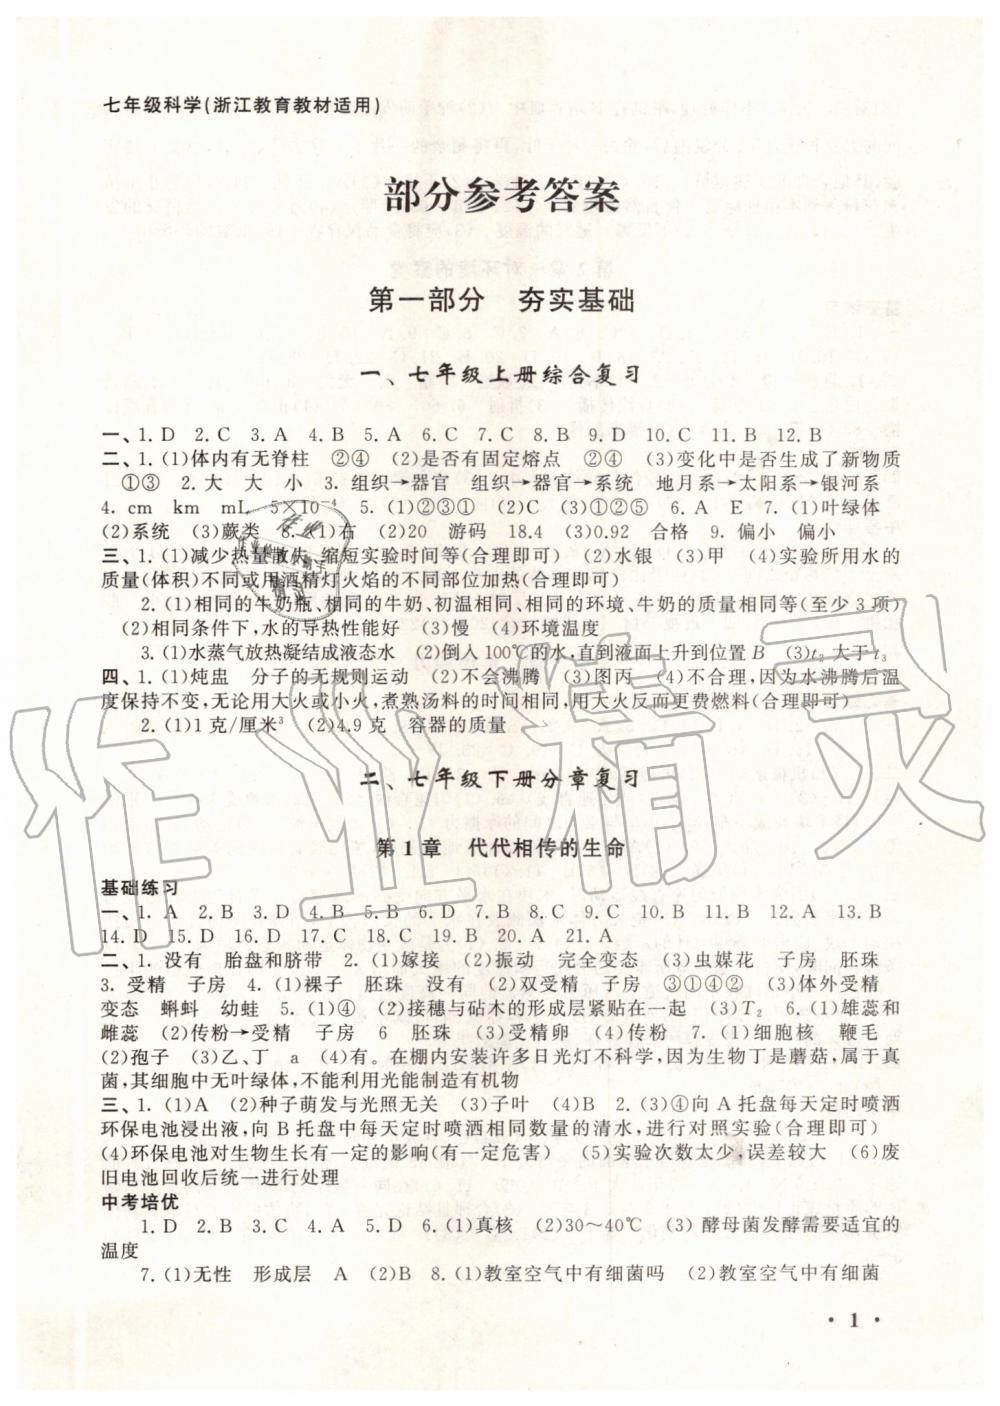 2019年暑假大串聯七年級科學浙教版安徽人民出版社第1頁